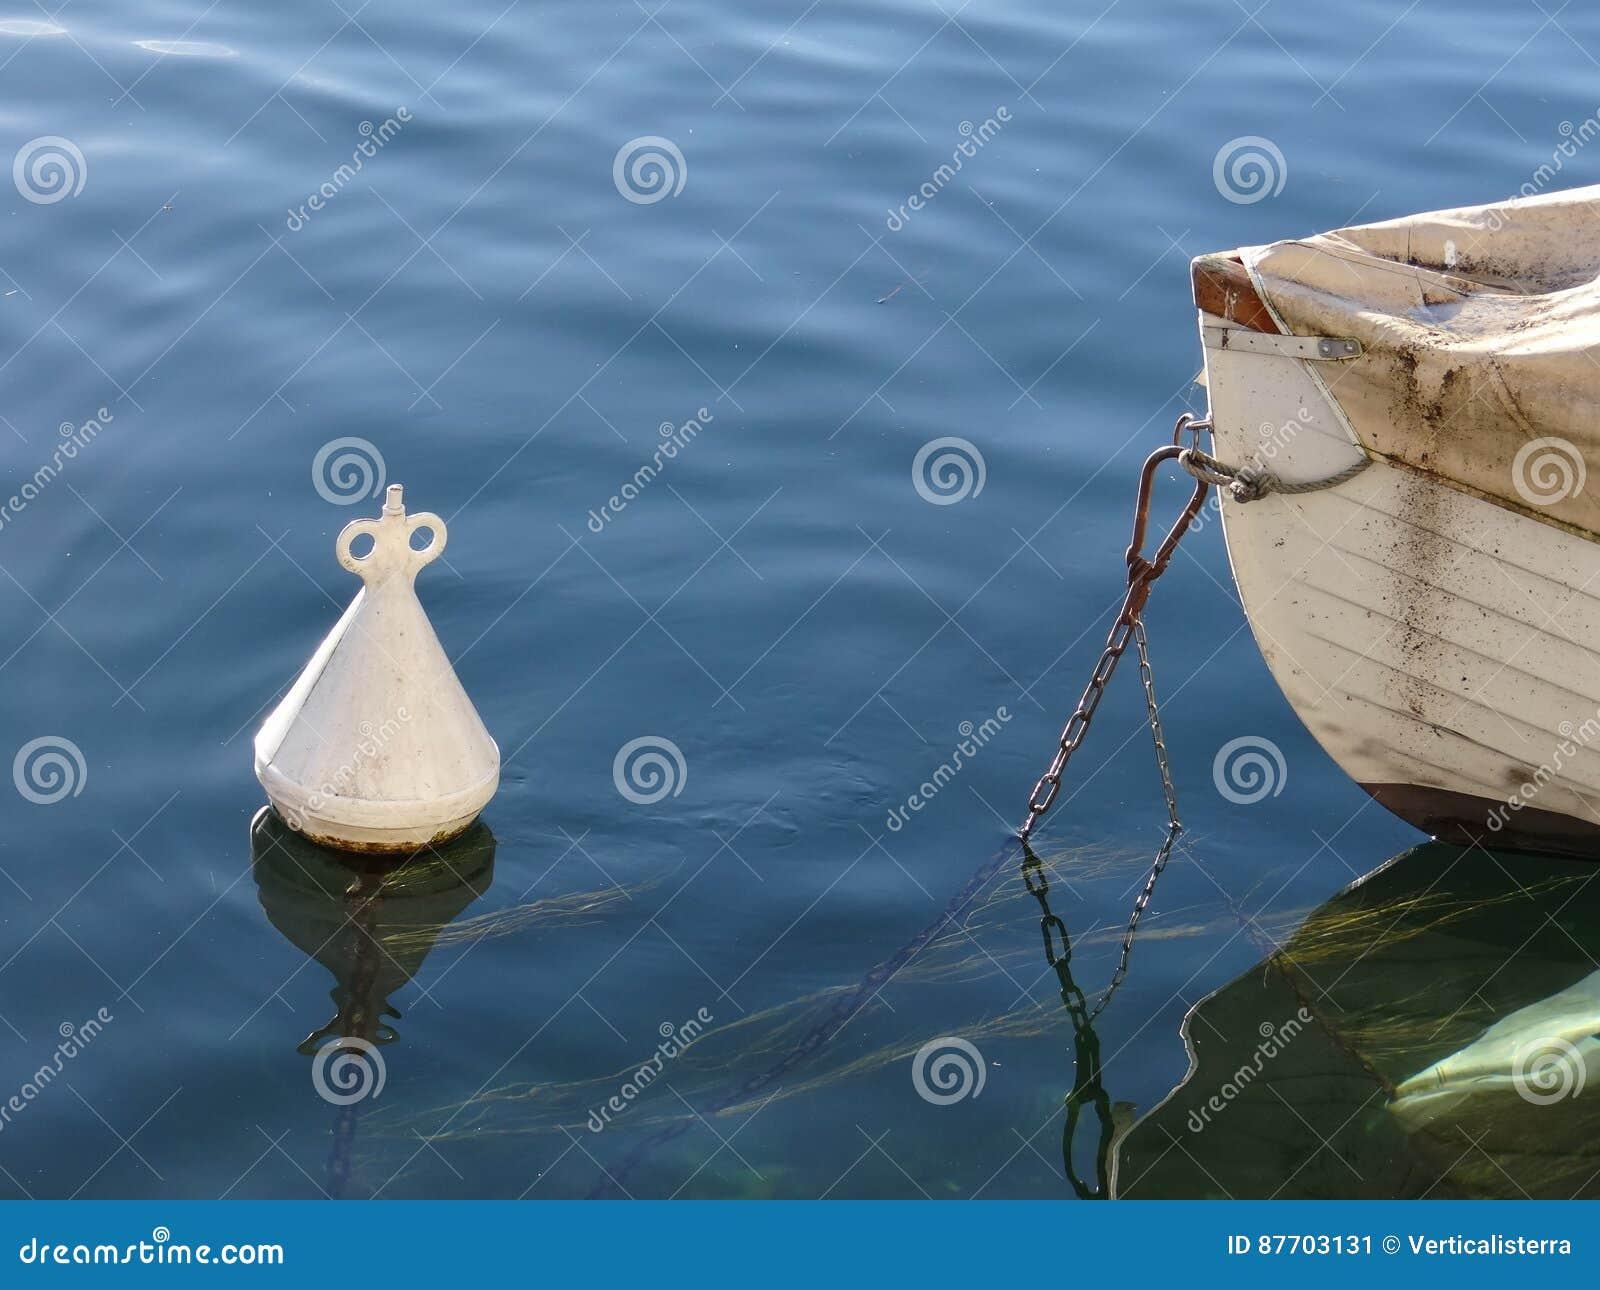 Inséparable le tête à tête de la proue du bateau à sa balise